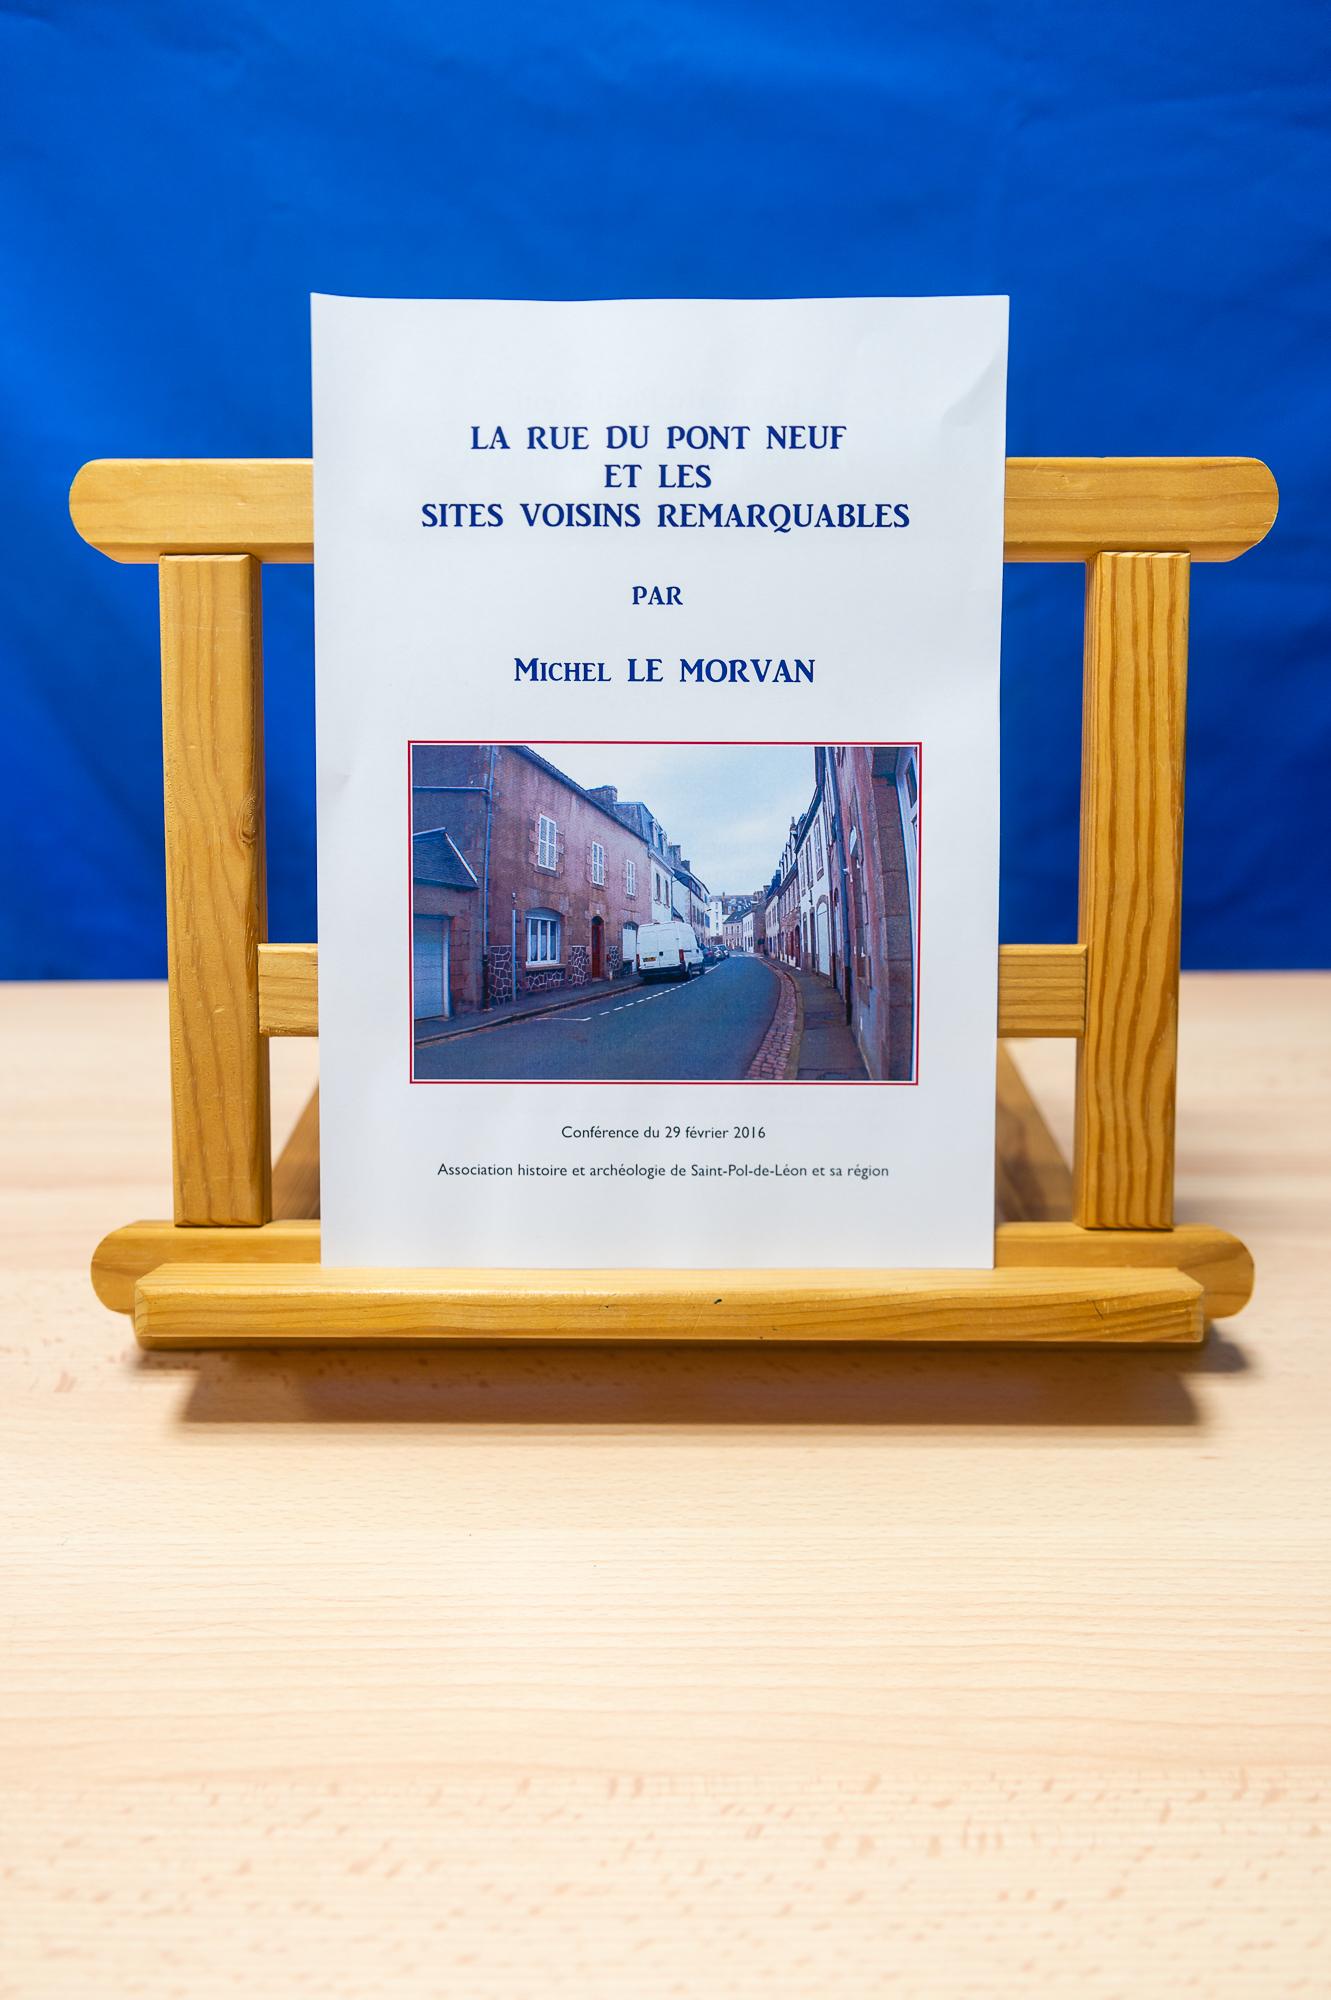 La Rue du Pont Neuf